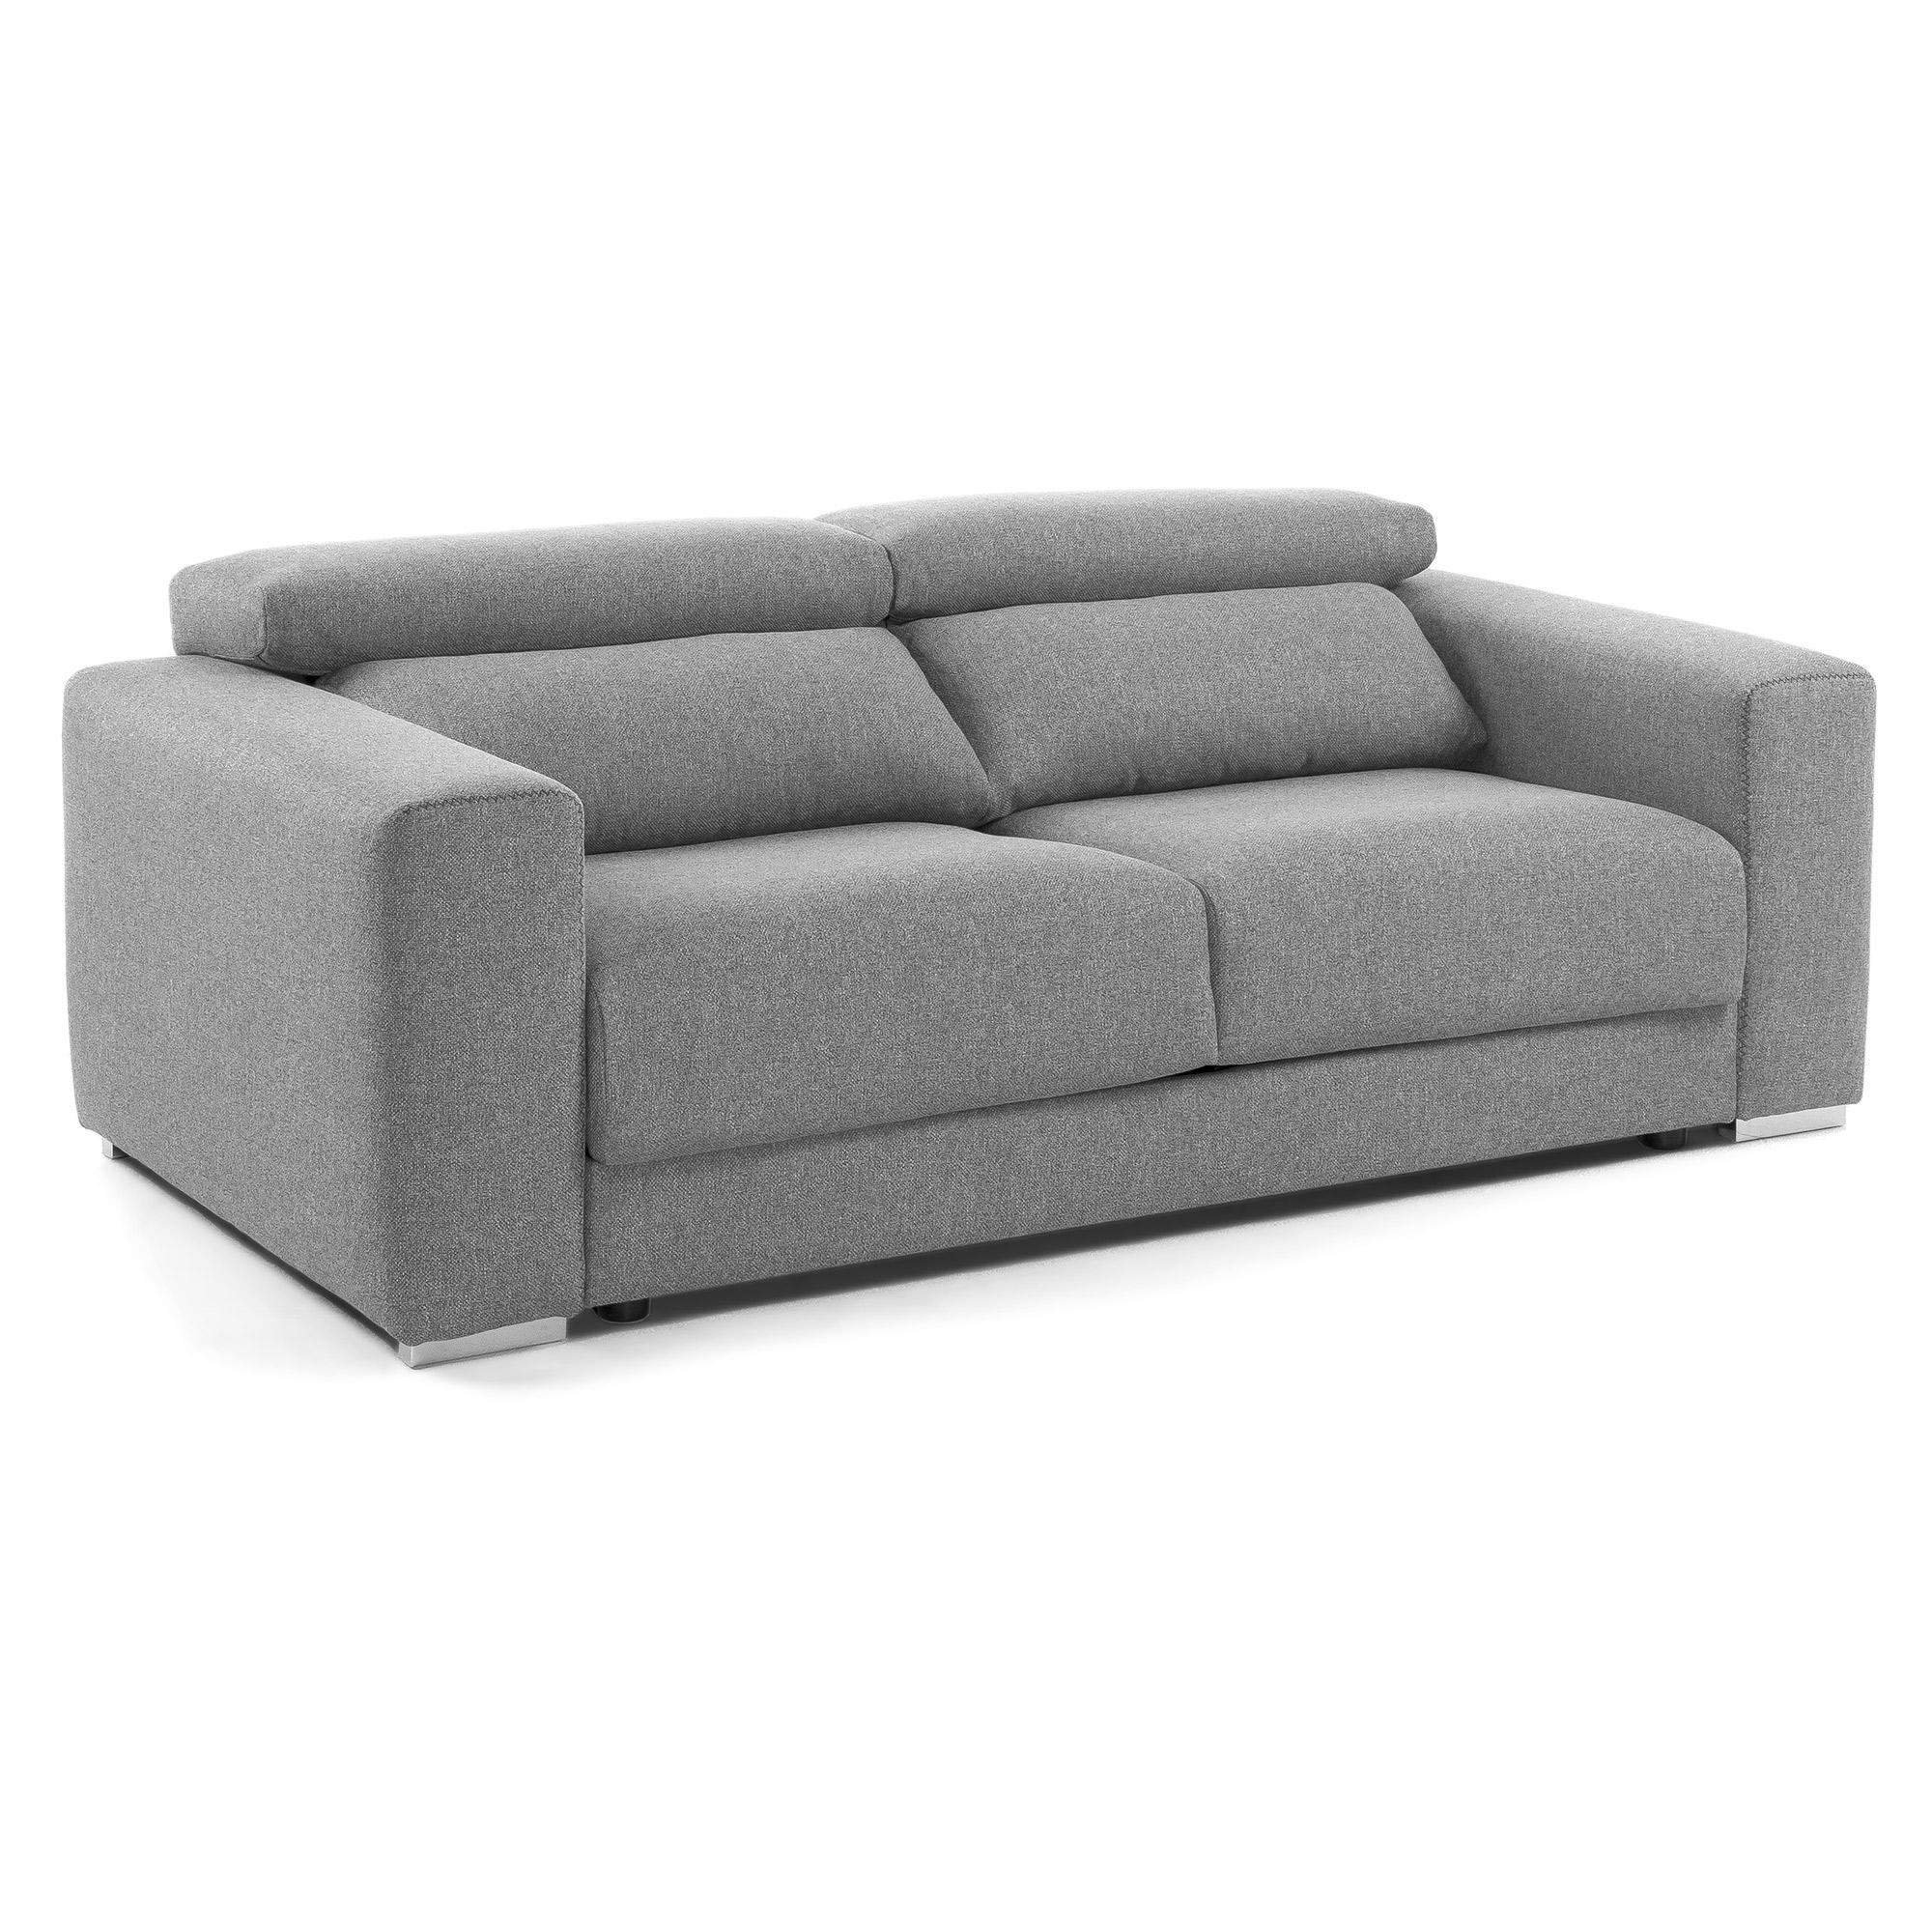 DELAVITA Dreisitzer »Mailand«, mit komfortablem Federkern-Sitz, wahlweise mit Move-Funktion, grau